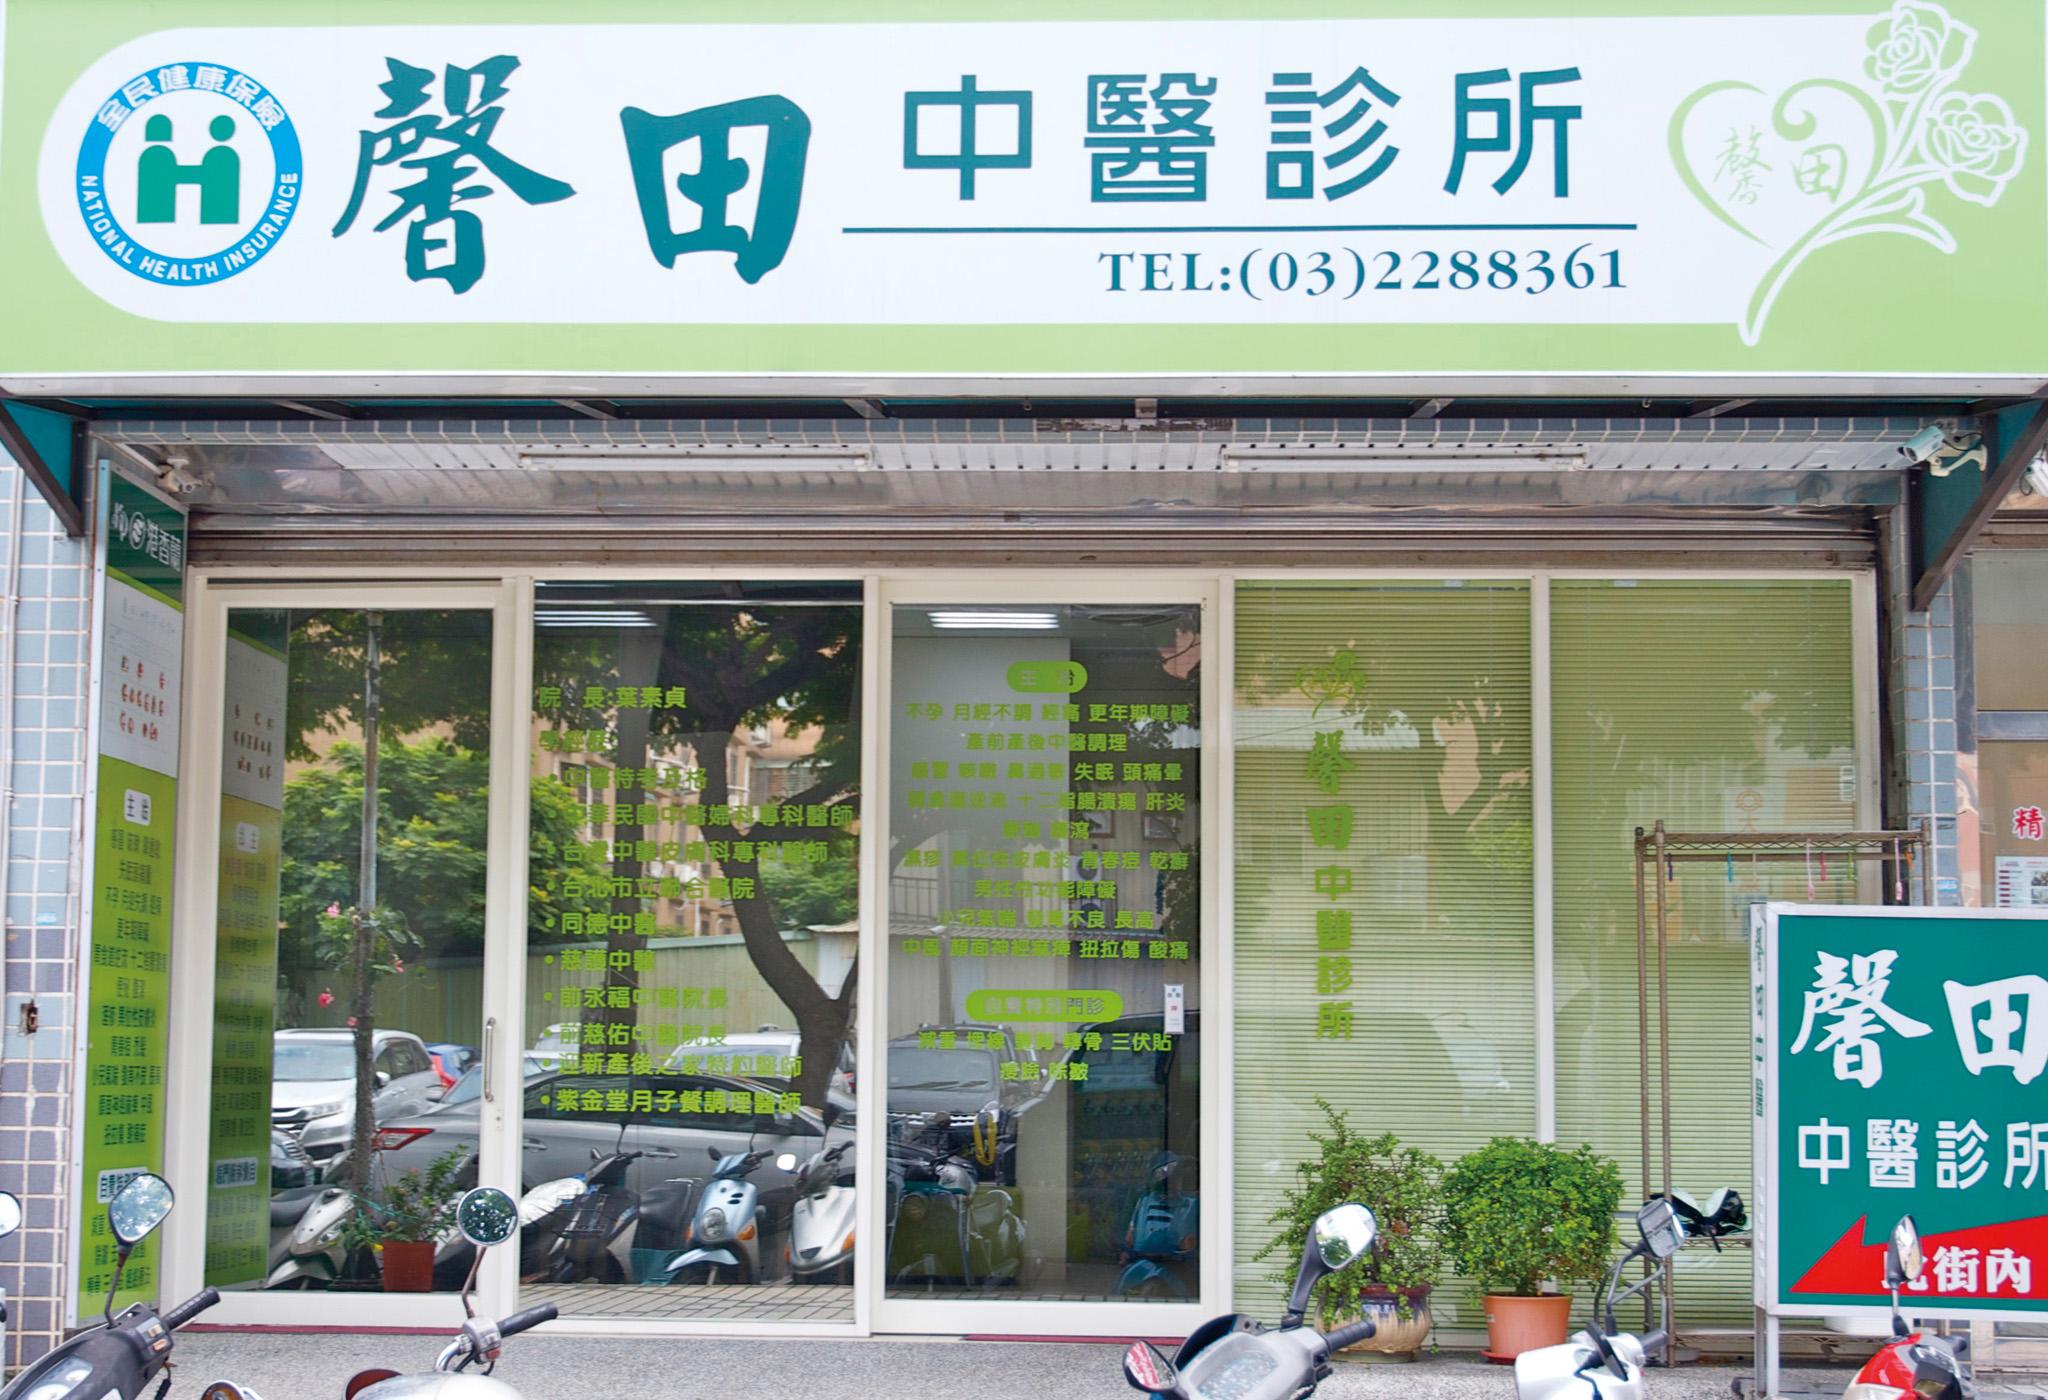 馨田中醫診所位於桃園泰昌八街上。